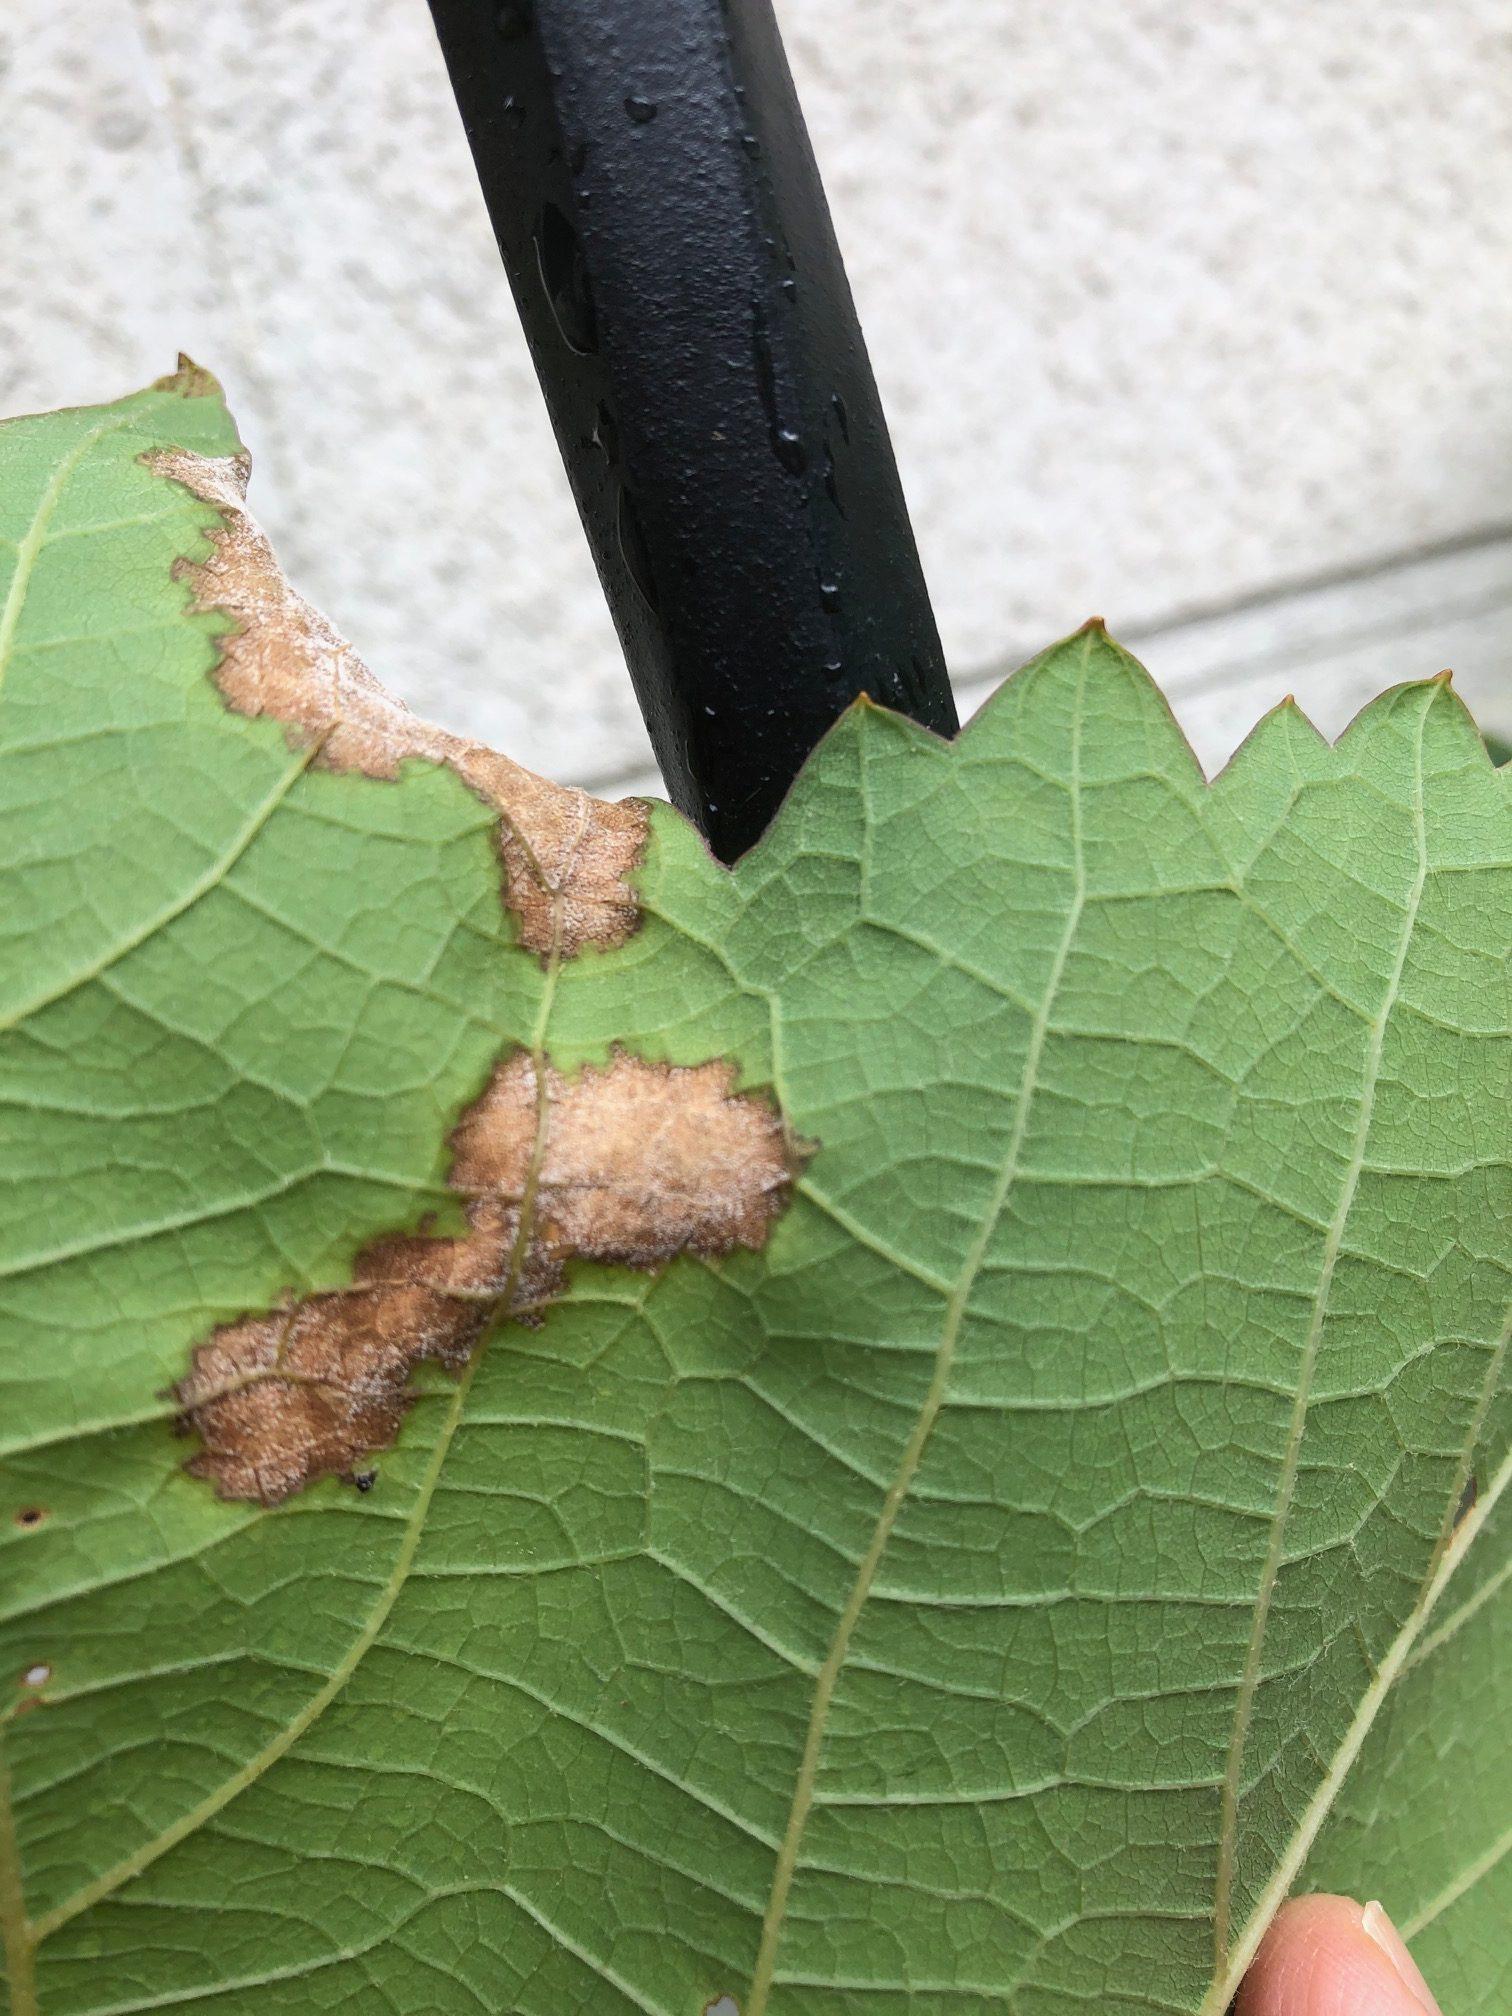 ぶどうの葉の裏にカビがついた病気はベト病。